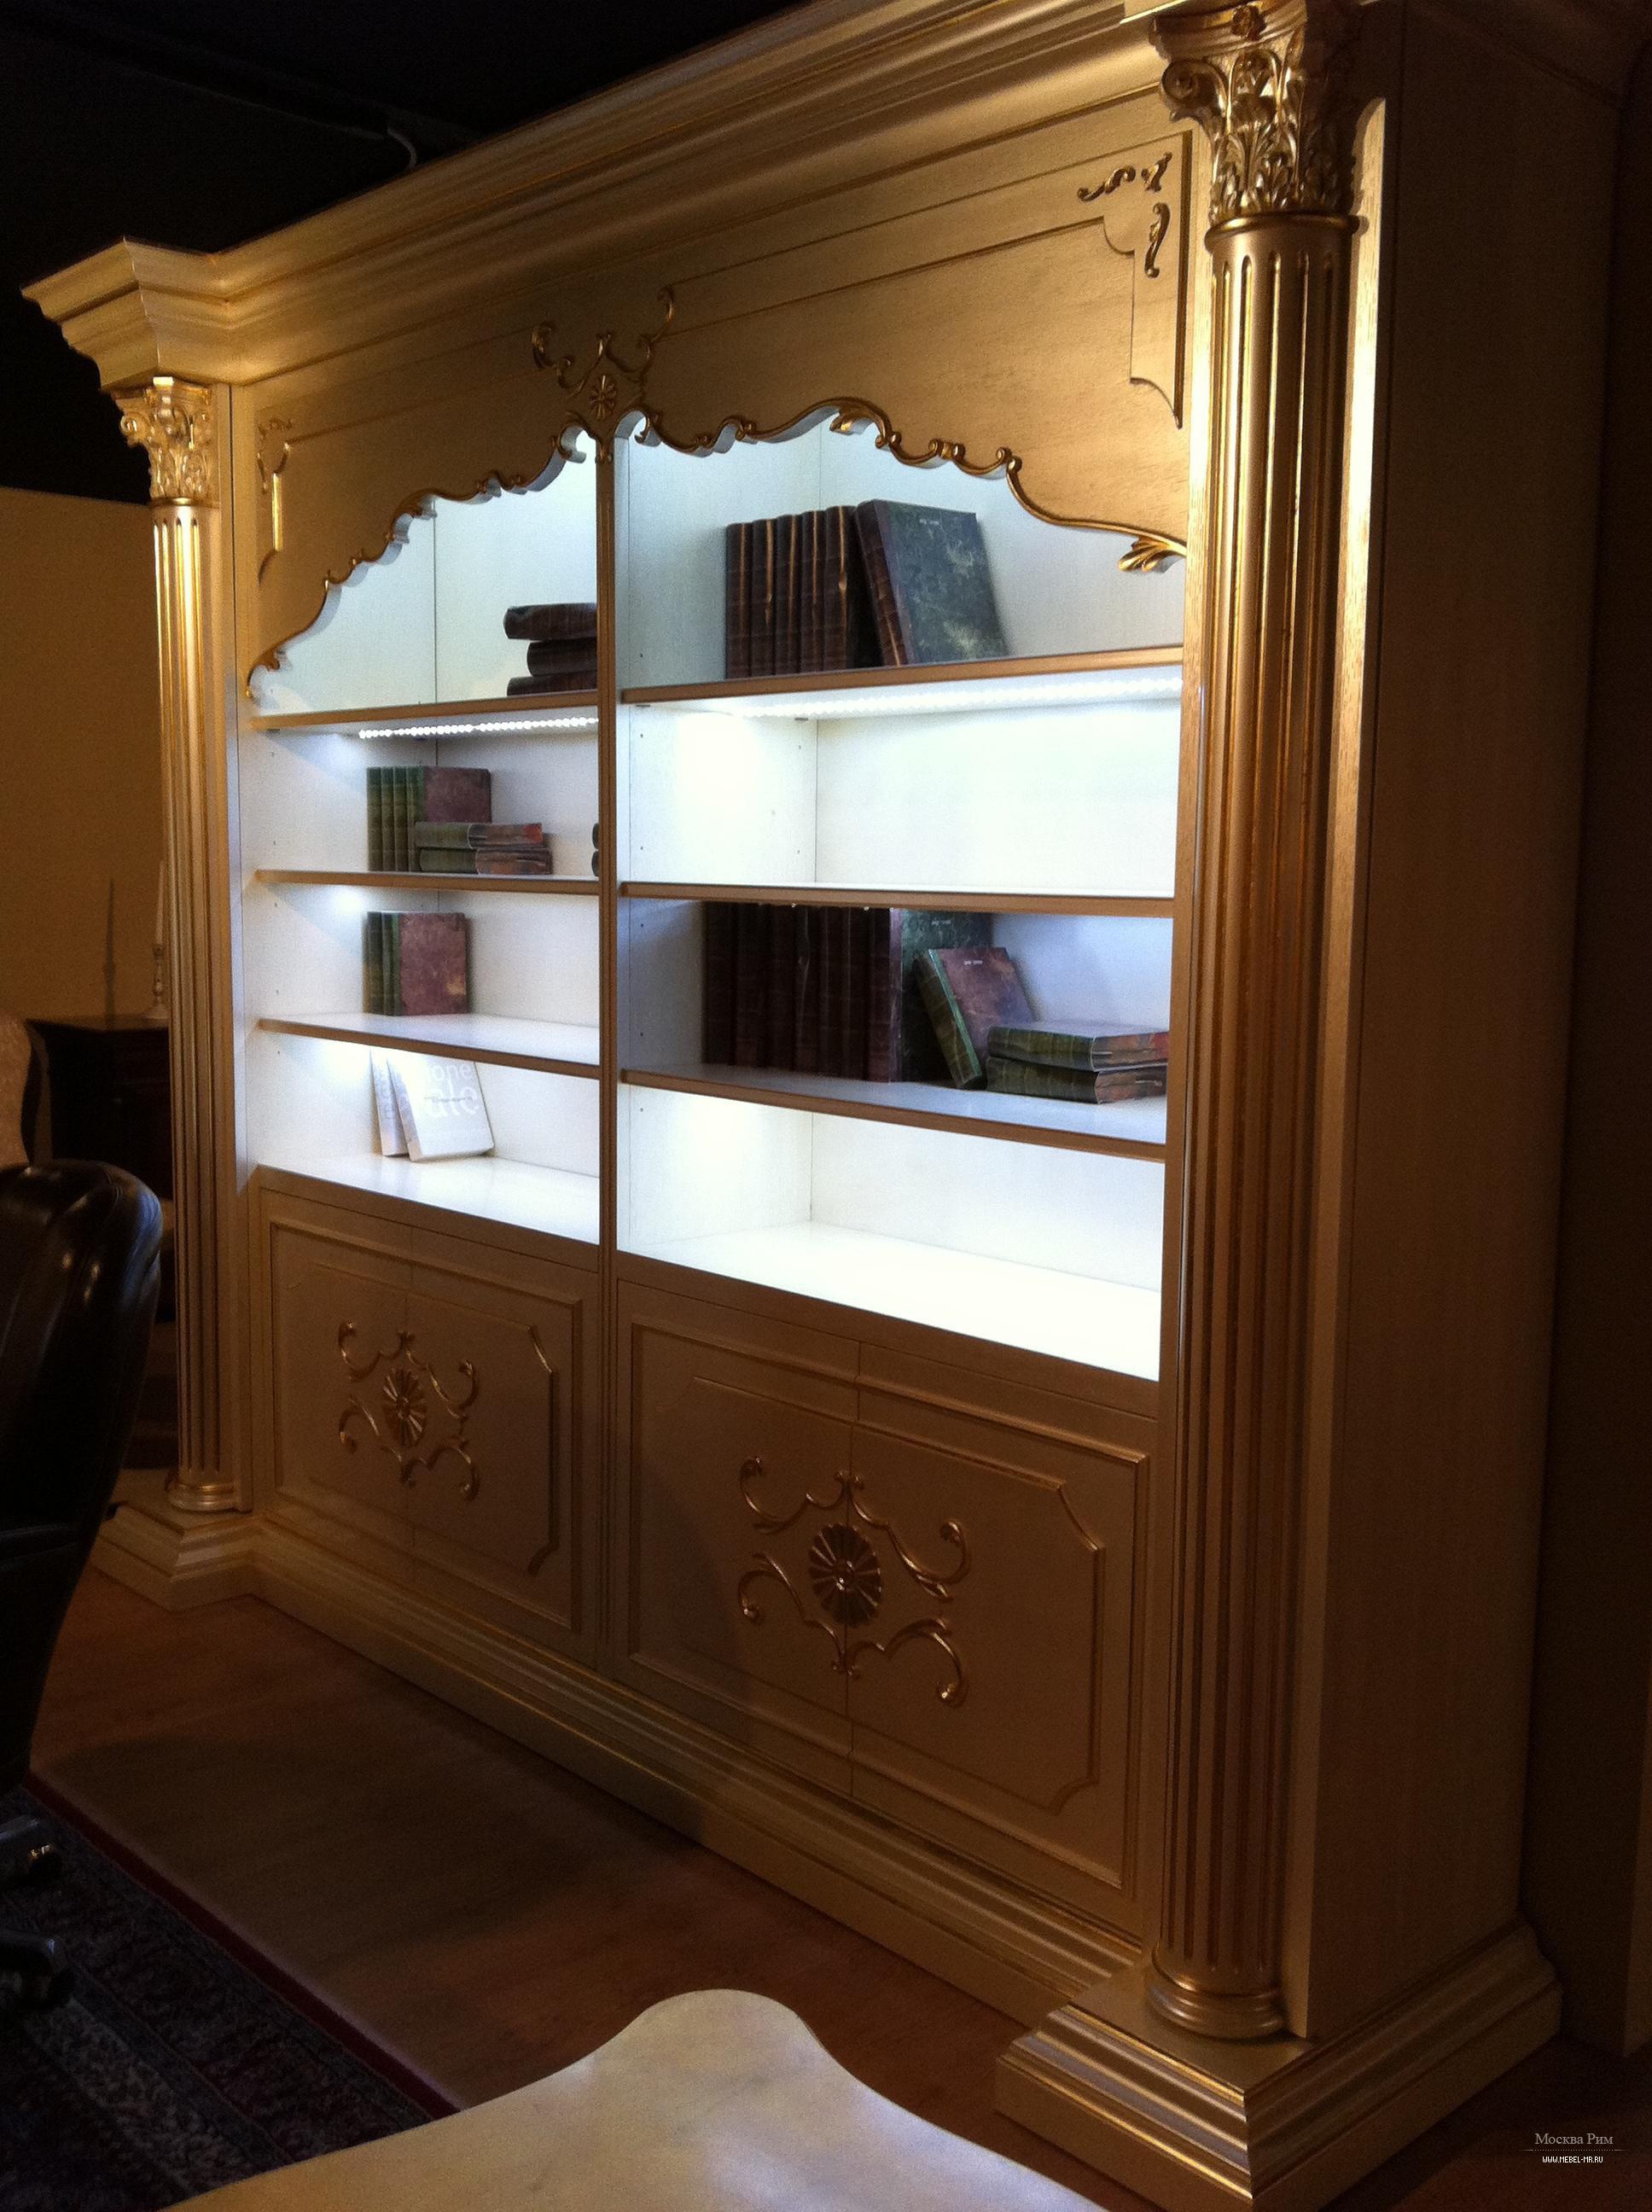 Шкаф книжный стенка, palmobili - мебель мр.